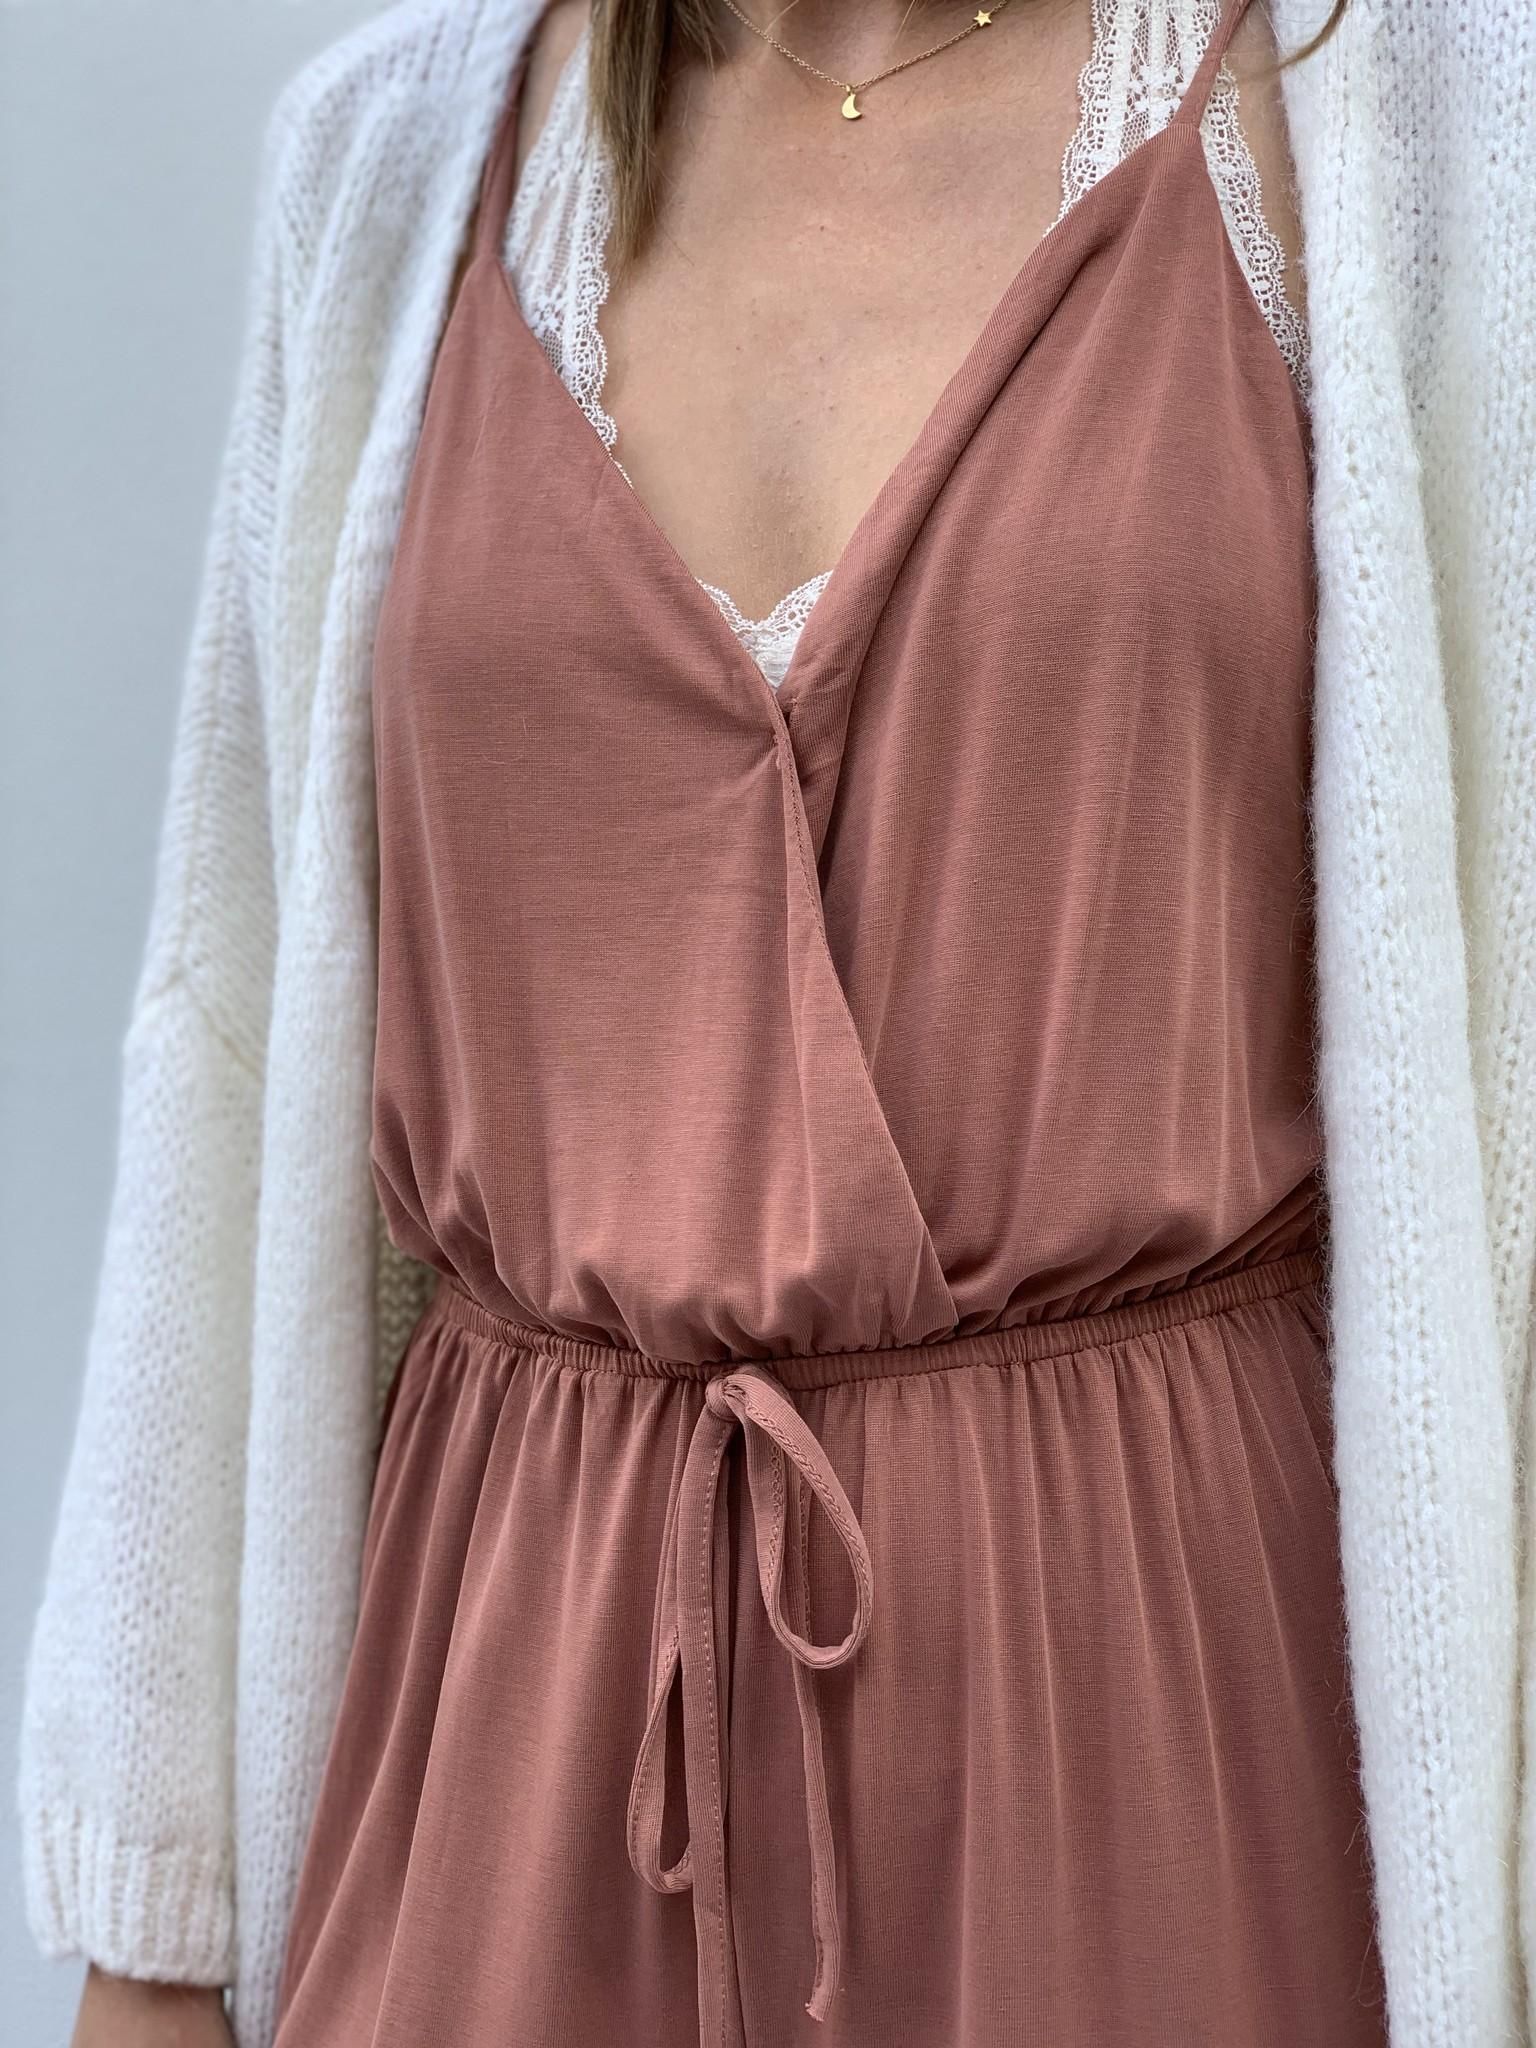 Jumpsuit tricot oud roze-2